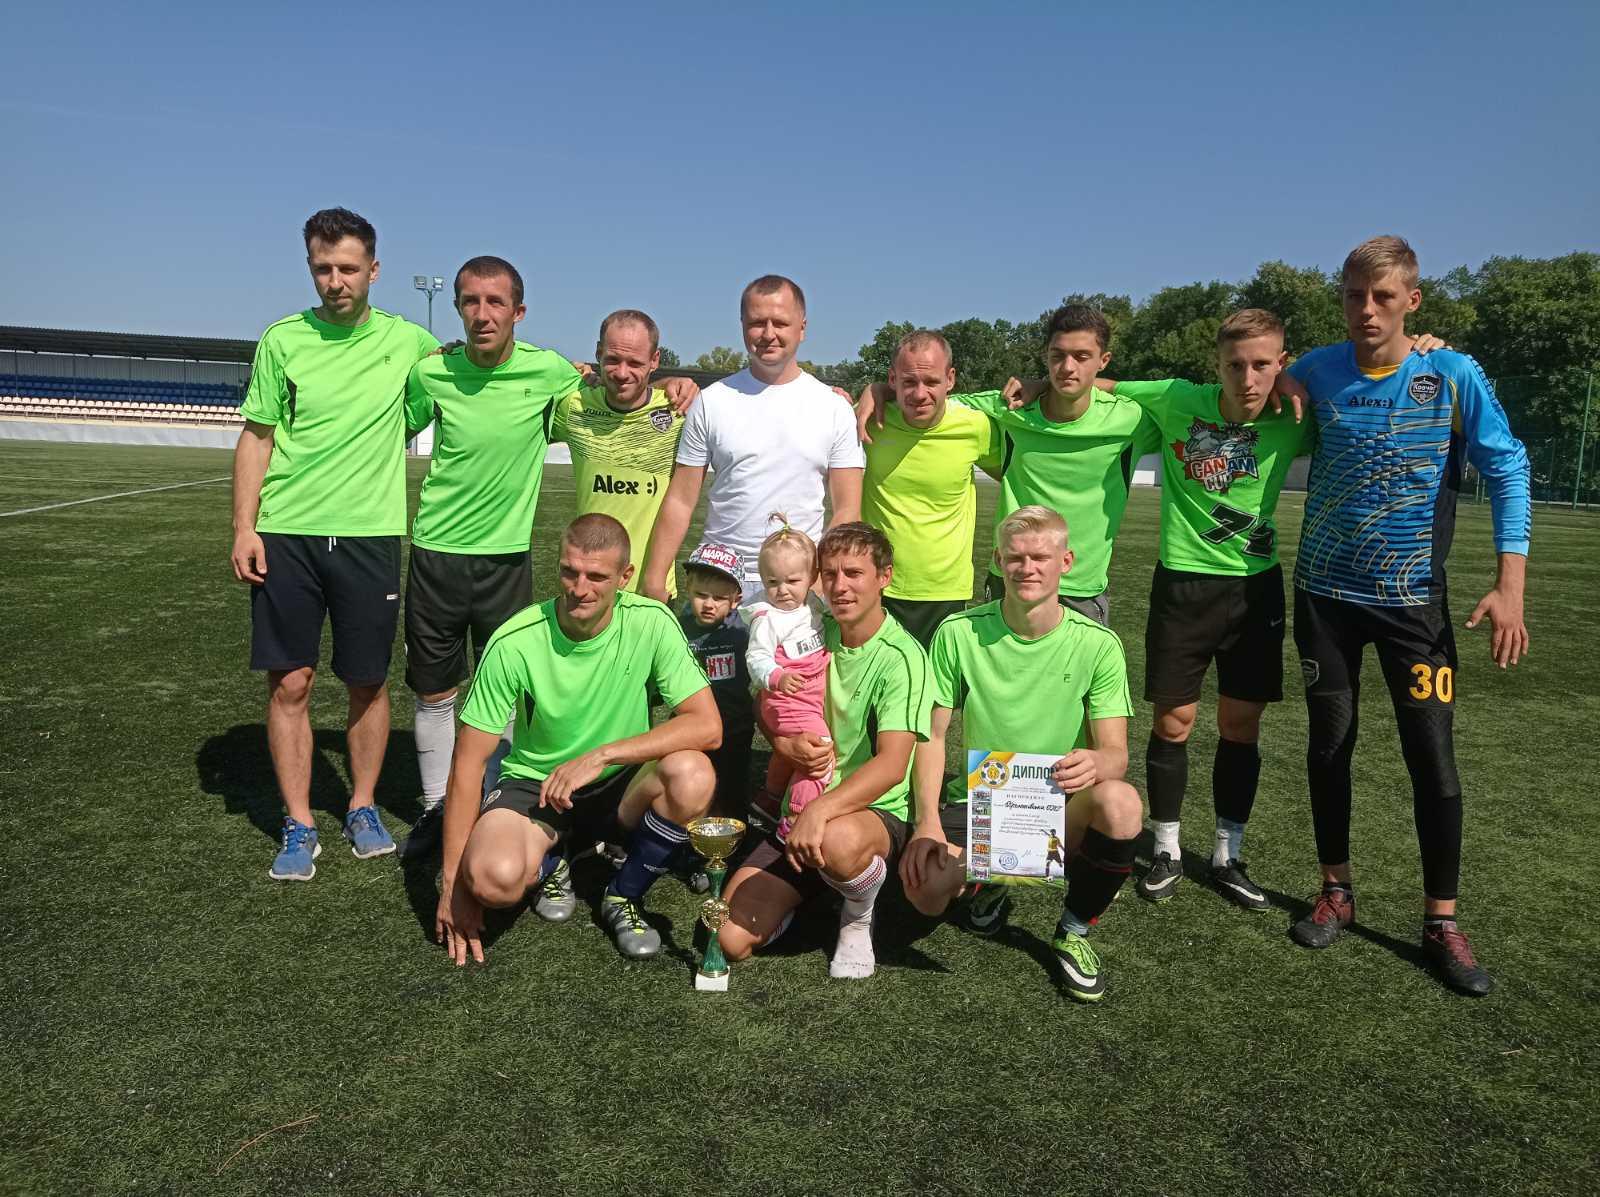 На змаганнях із міні-футболу команда Приютівської громади посіла перше місце